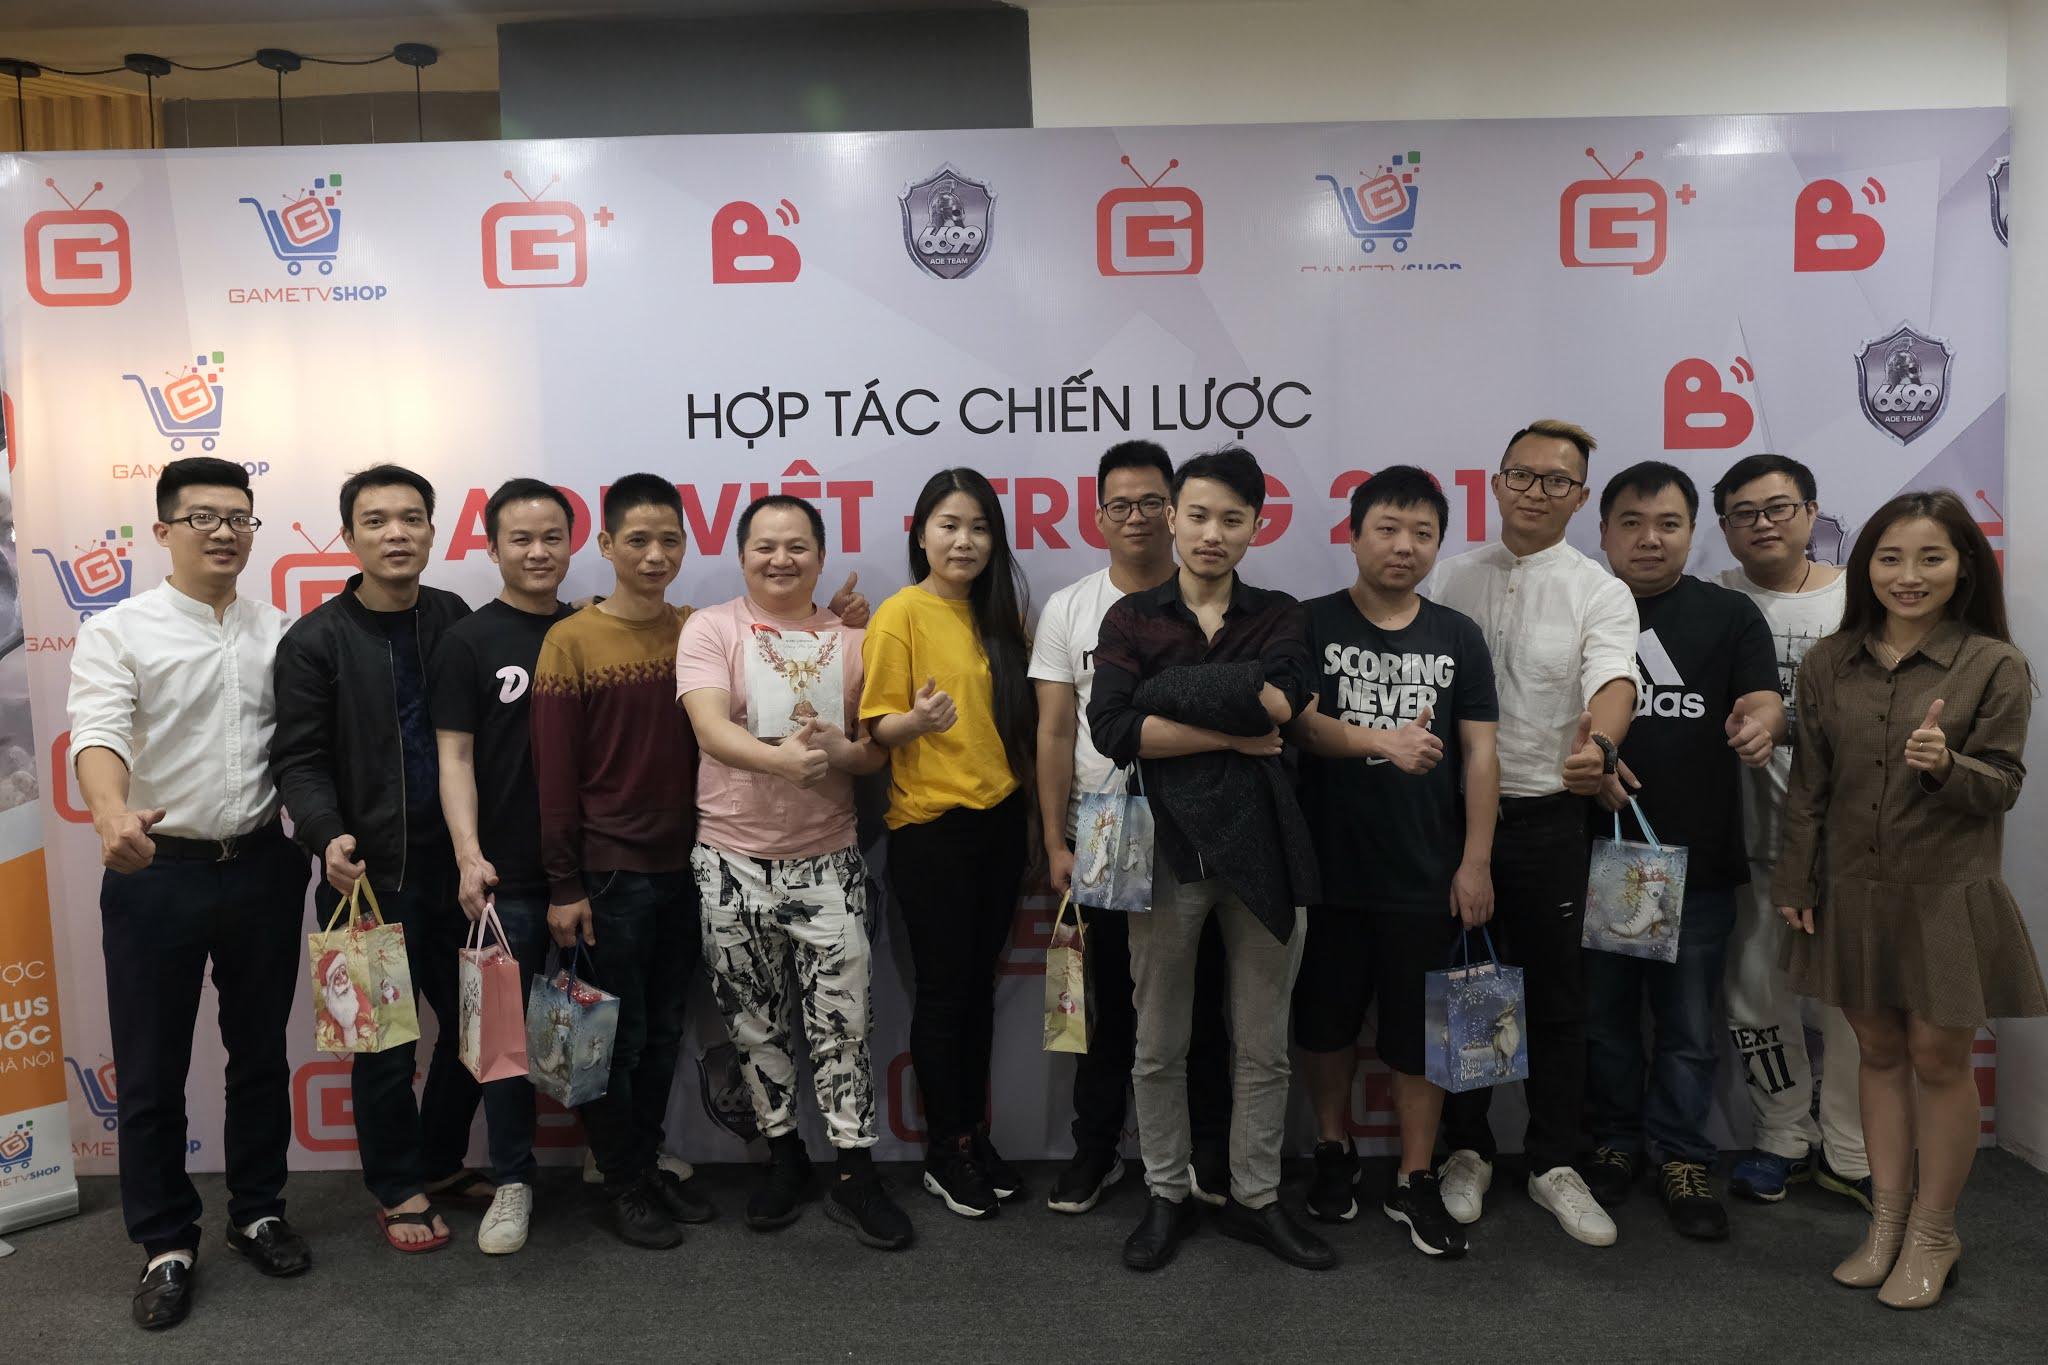 GameTV Shop trao quà lưu niệm đến các game thủ đến từ Trung Quốc